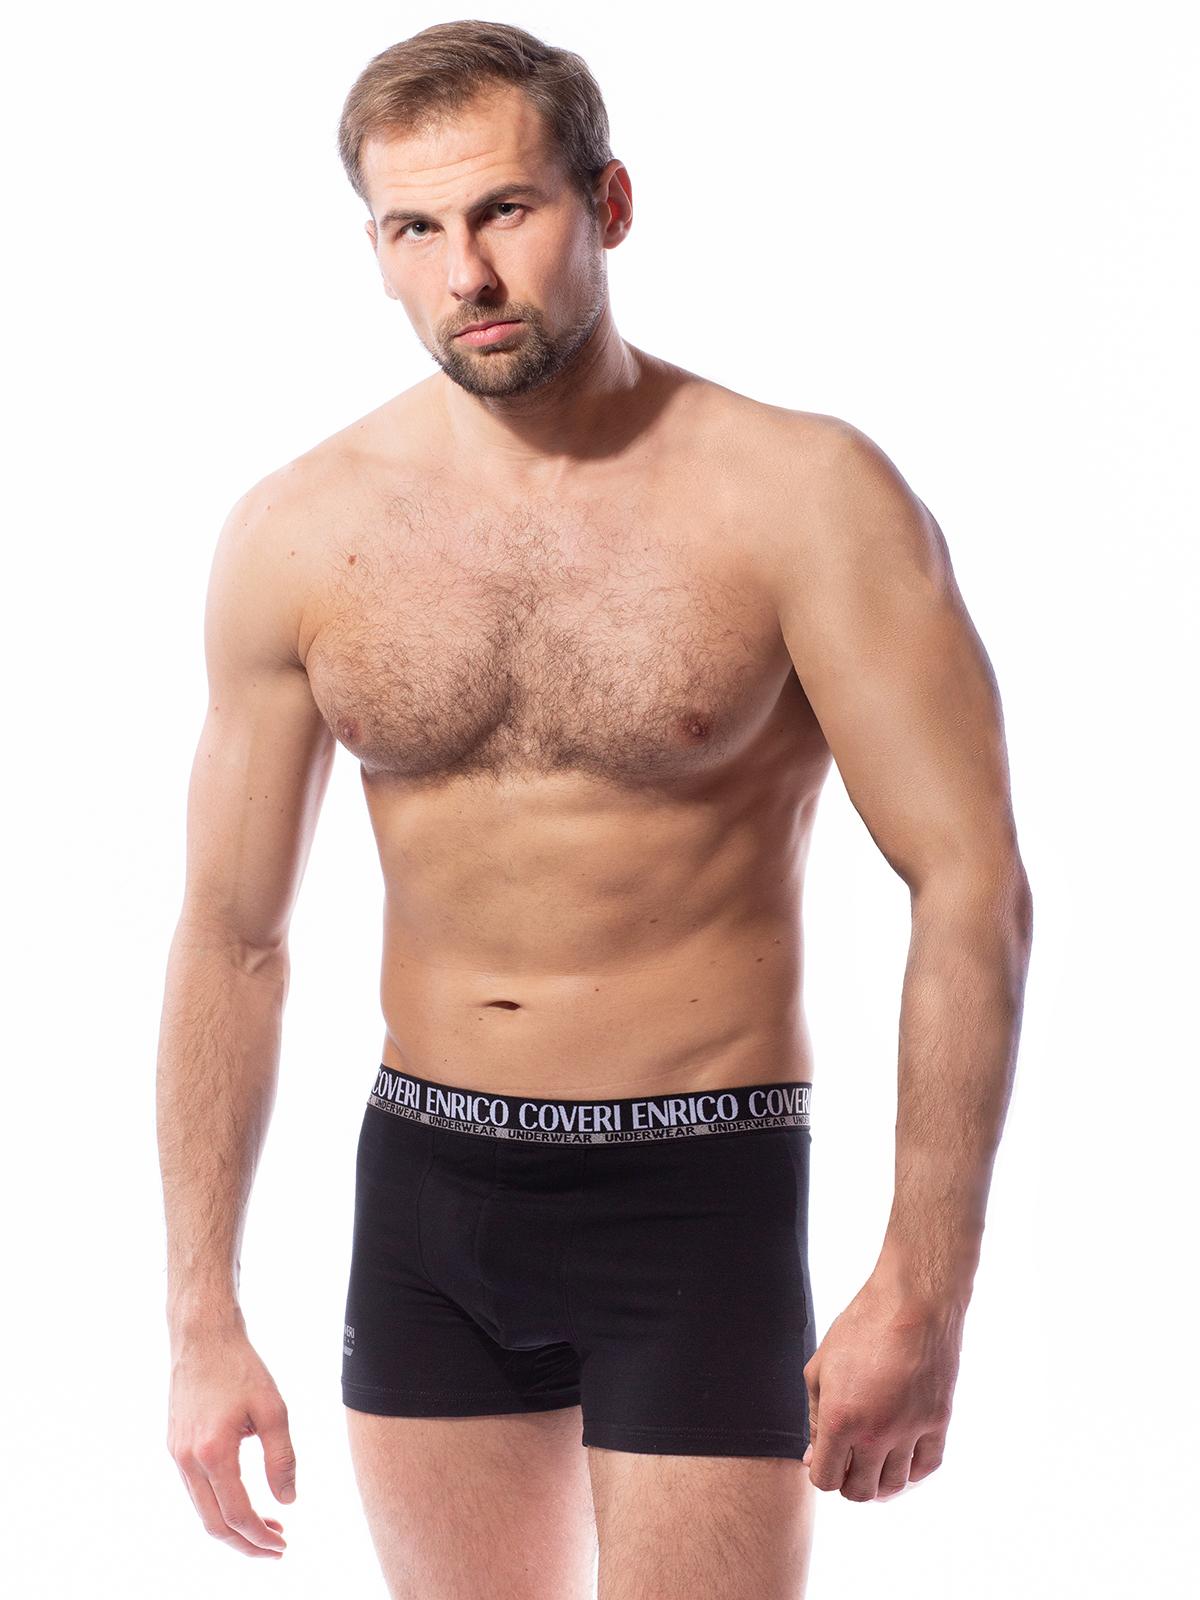 Трусы боксеры мужские Enrico Coveri черные L